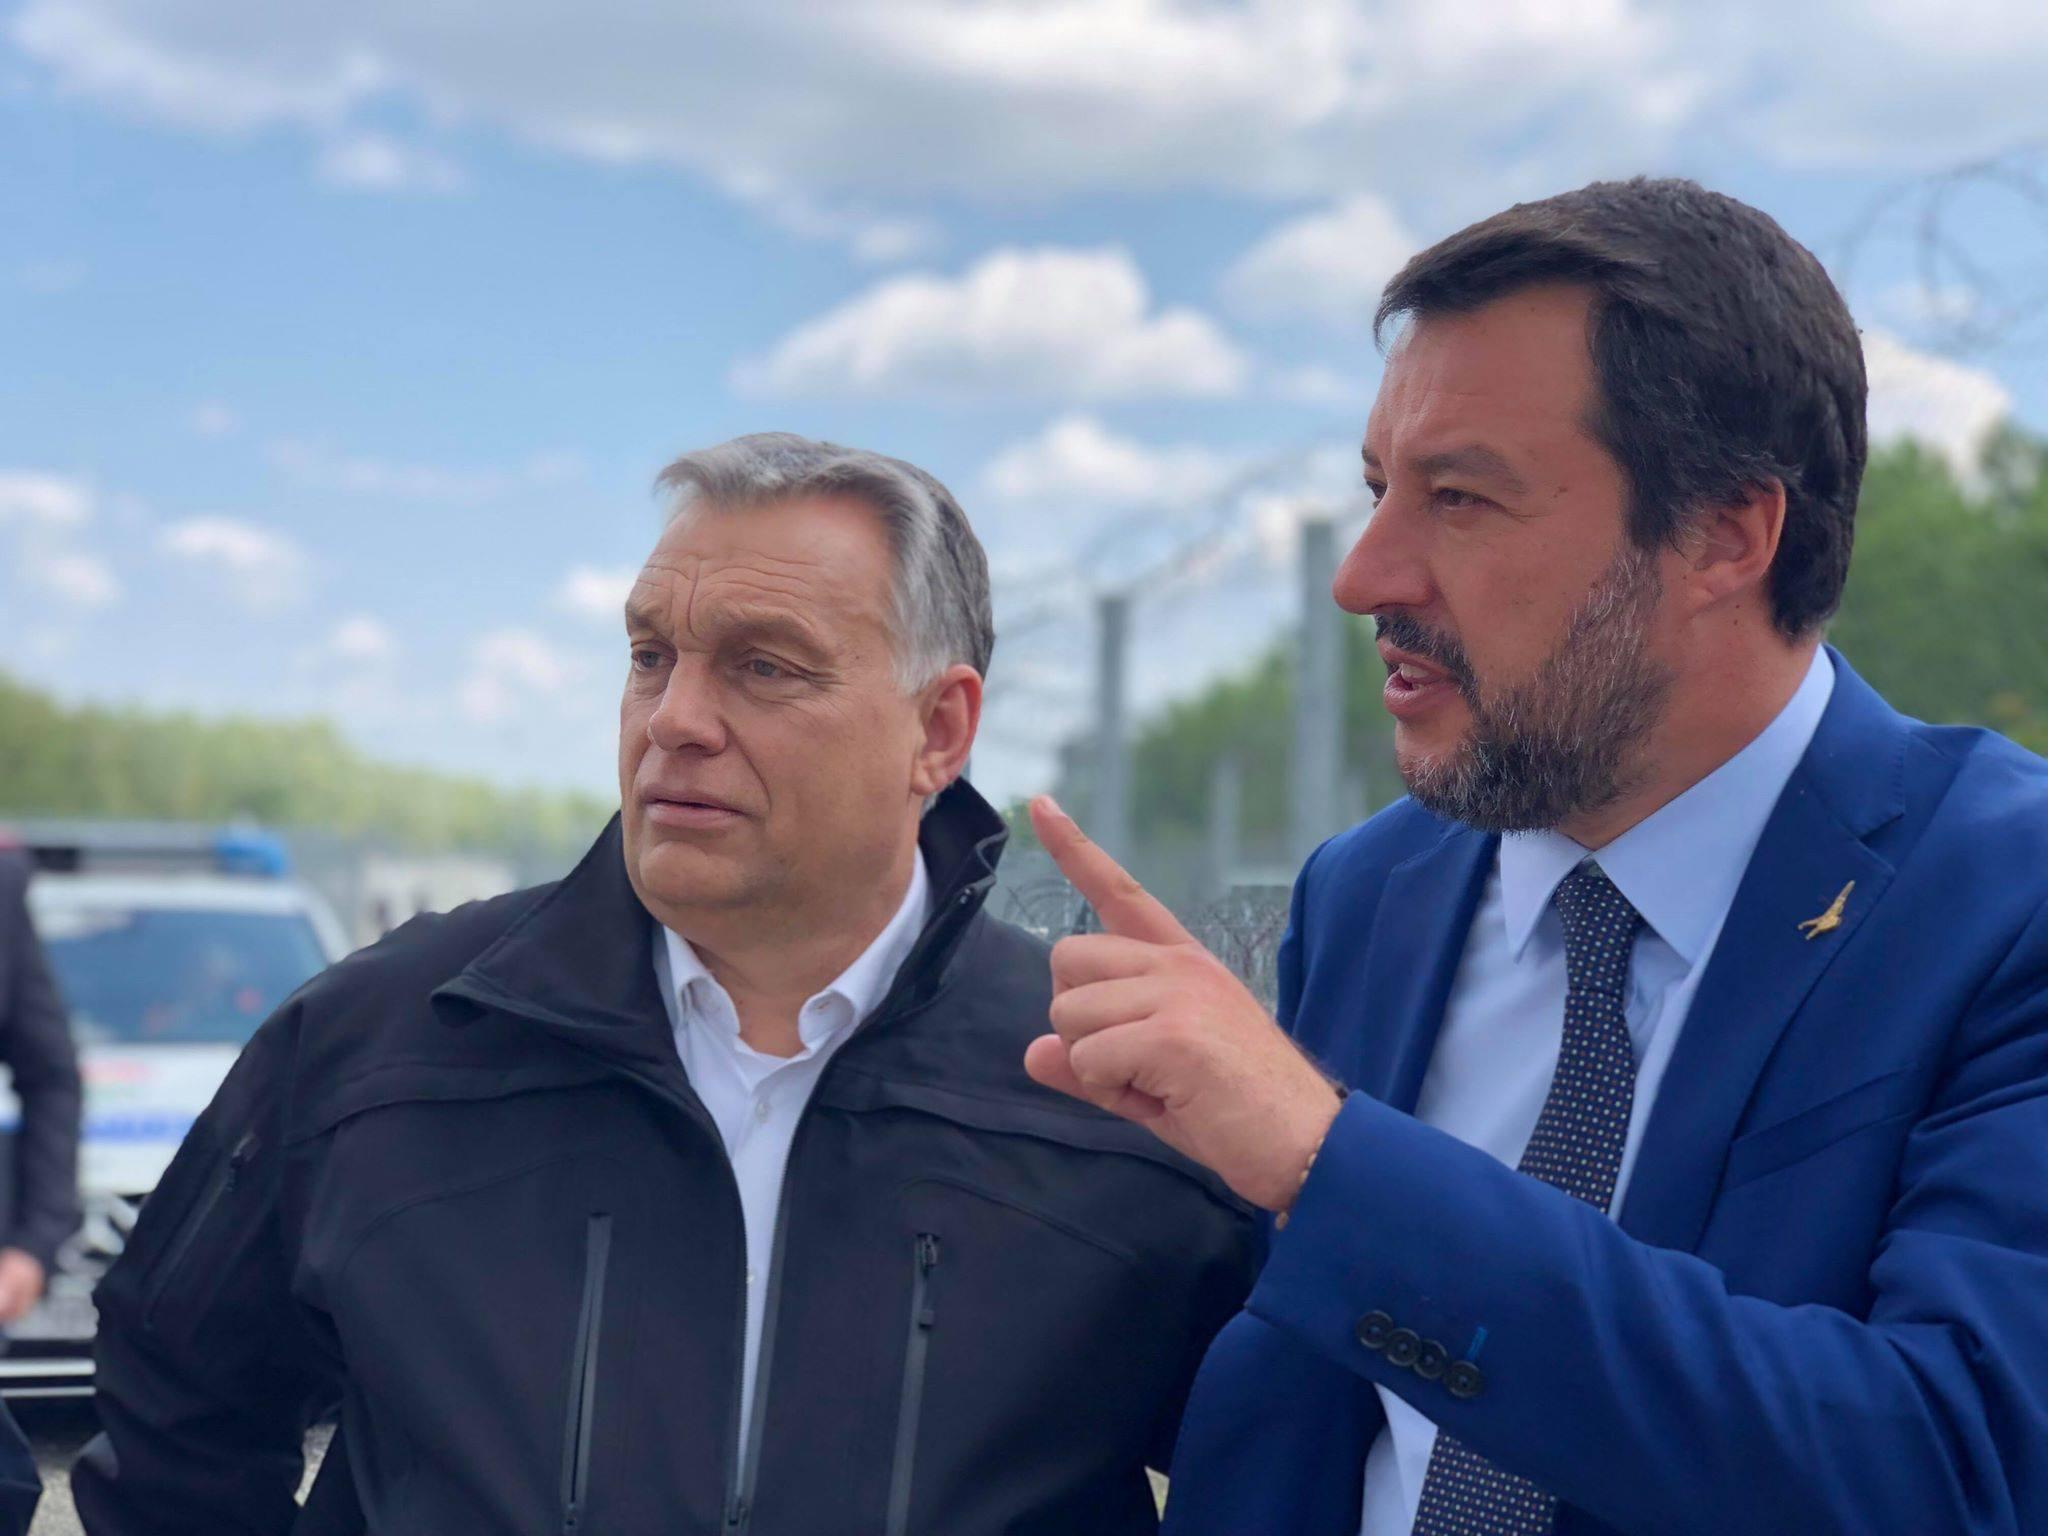 Salvini több ezer euróra büntetné azokat a hajókat, amik embereket mentenek a Földközi-tengeren